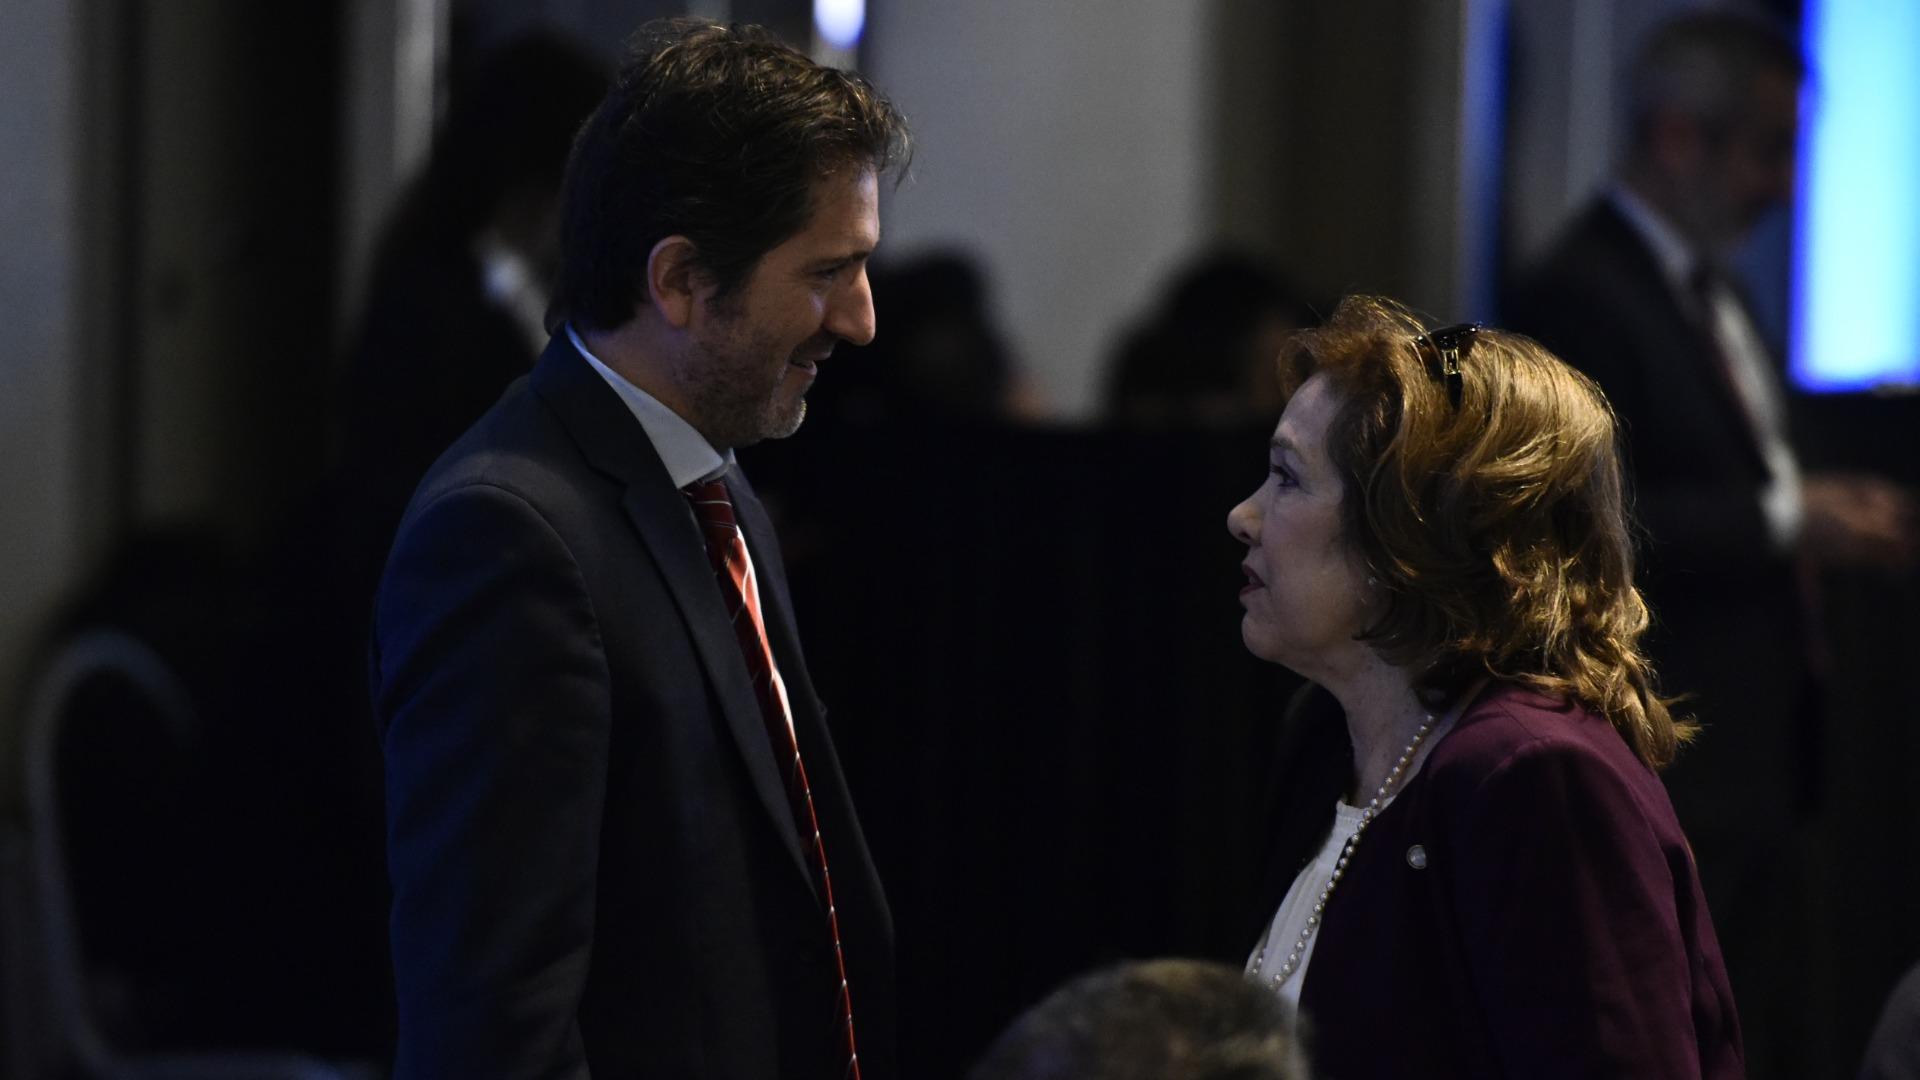 El juez federal Sebastián Casanello dialoga con la jueza María Lilia Gómez Alonso de Díaz Cordero, magistrada de la Cámara Comercial y Presidenta de la Asociación de Magistrados